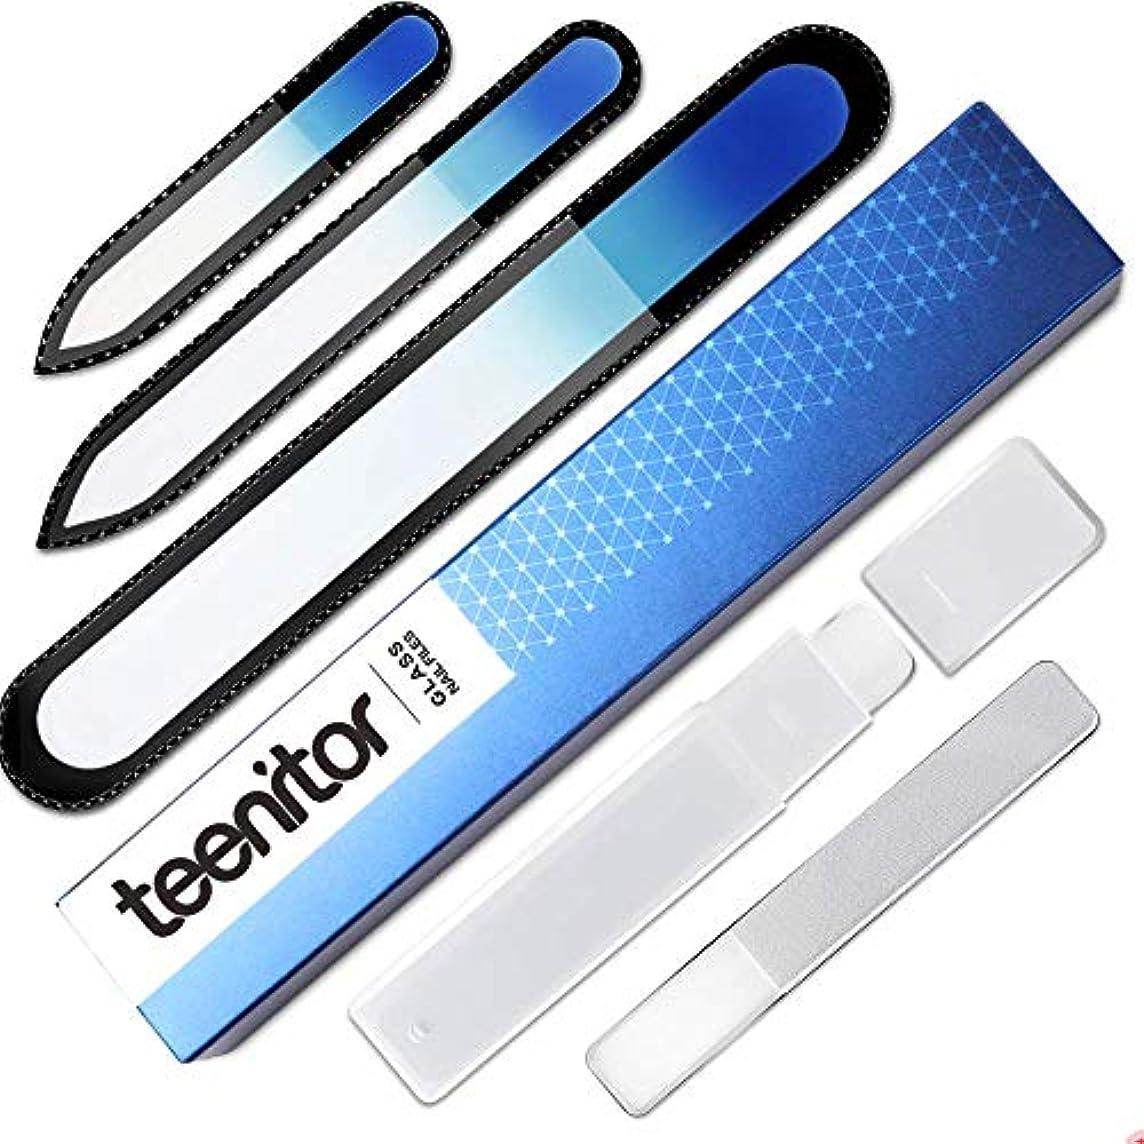 返還安いです複雑なTeenitor 爪やすり ガラス 爪磨き ネイルファイル ガラス製 ネイルシャイナー ジェルネイルファイル 男女兼用 ネイルケア5点セット 専用ケース付 つめみがき つめやすり チェコ